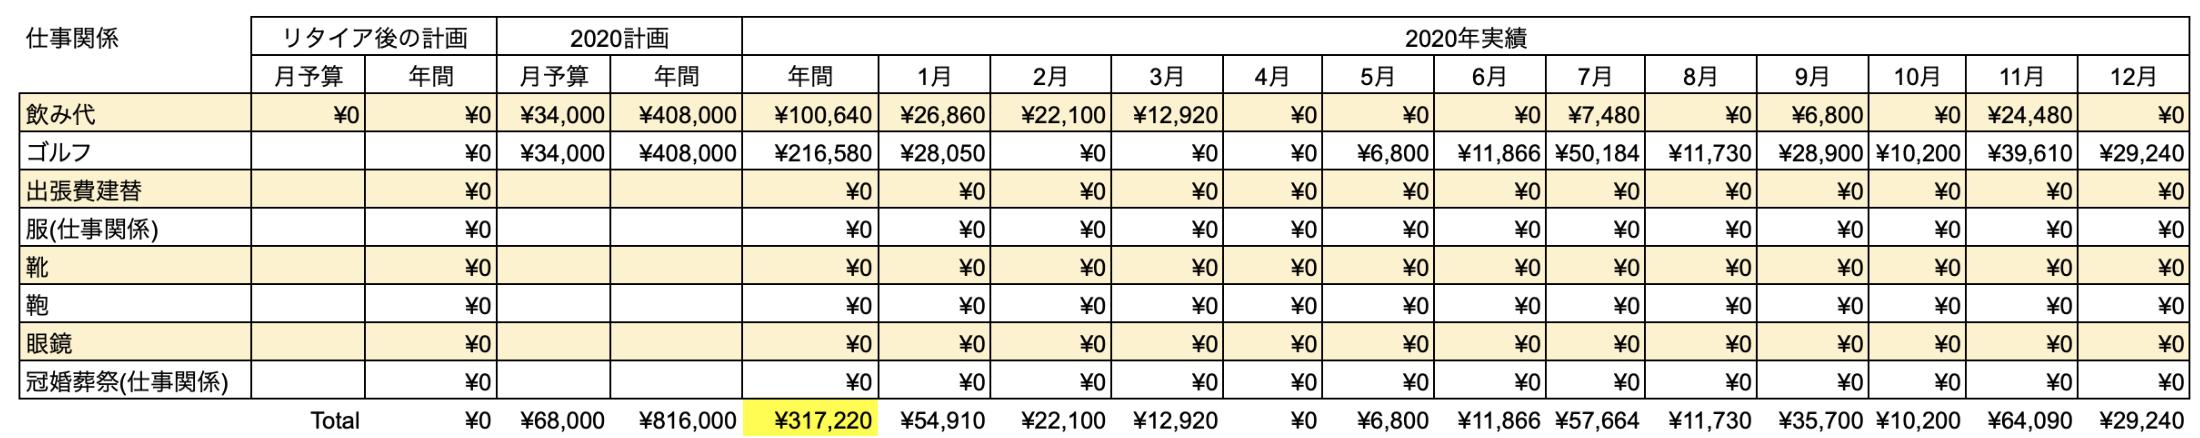 支出実績2020_12月_仕事関係費